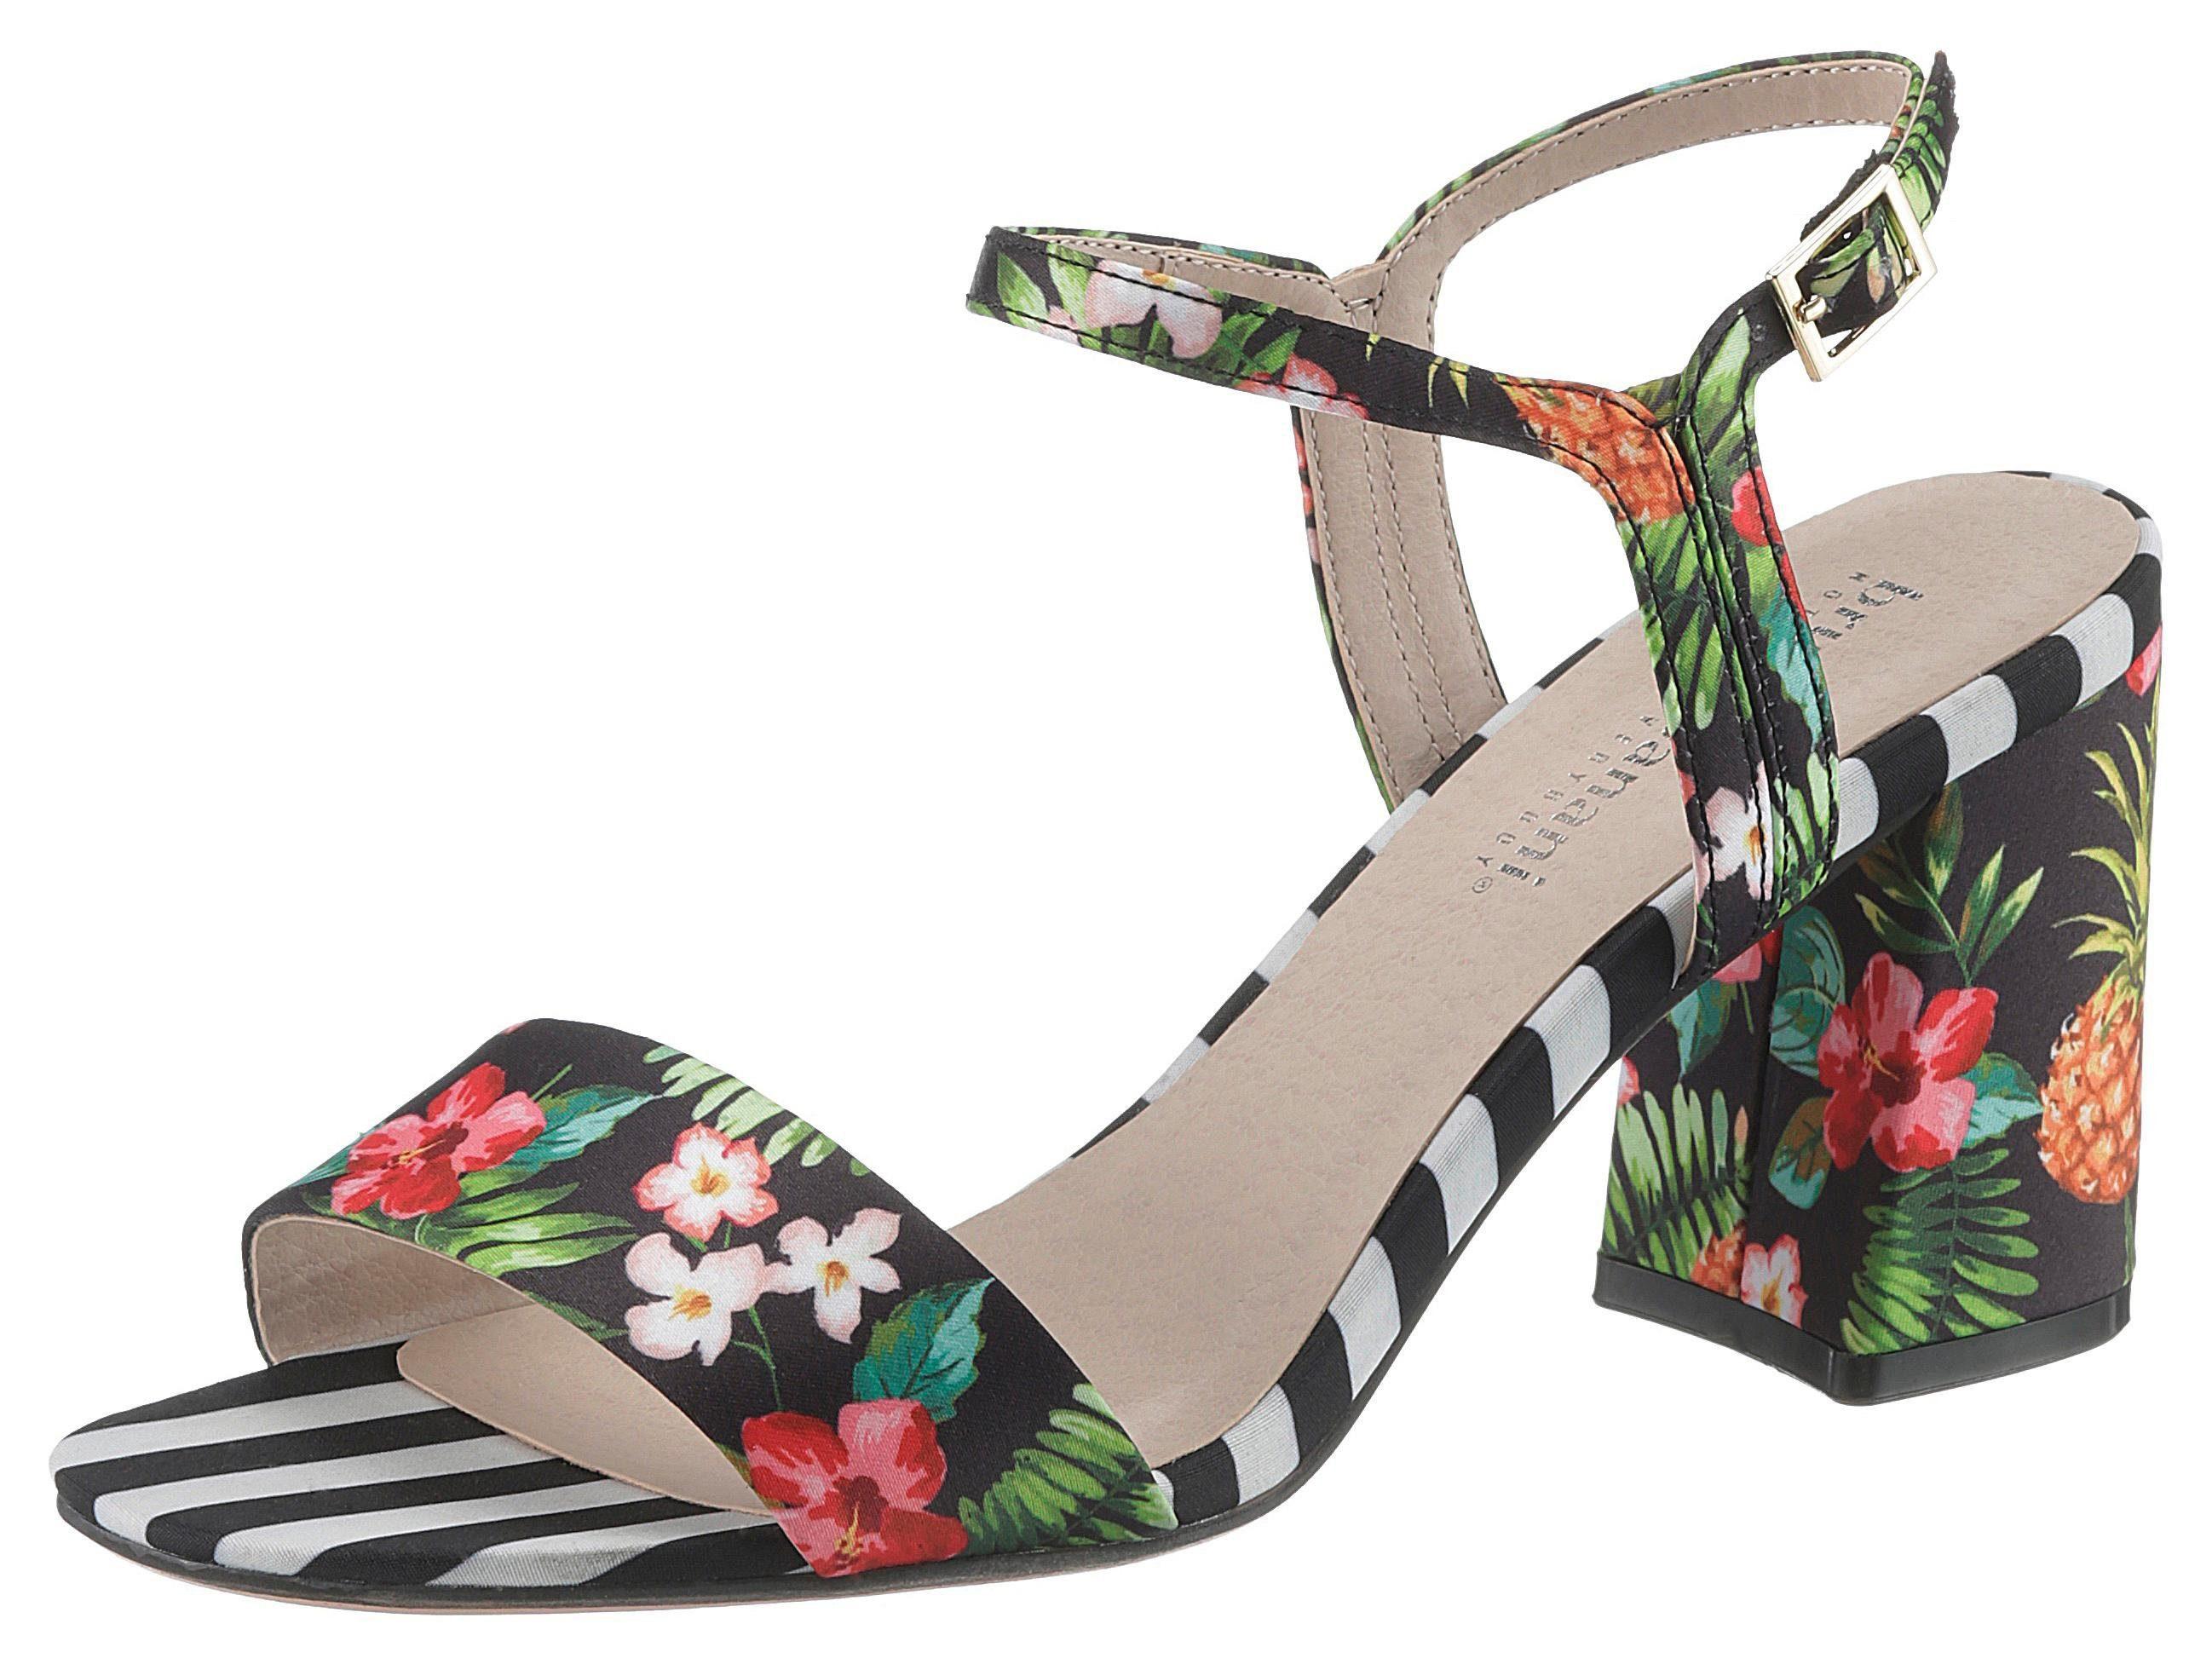 Bruno Banani Sandalette mit tropischen Blütenprint   OTTO